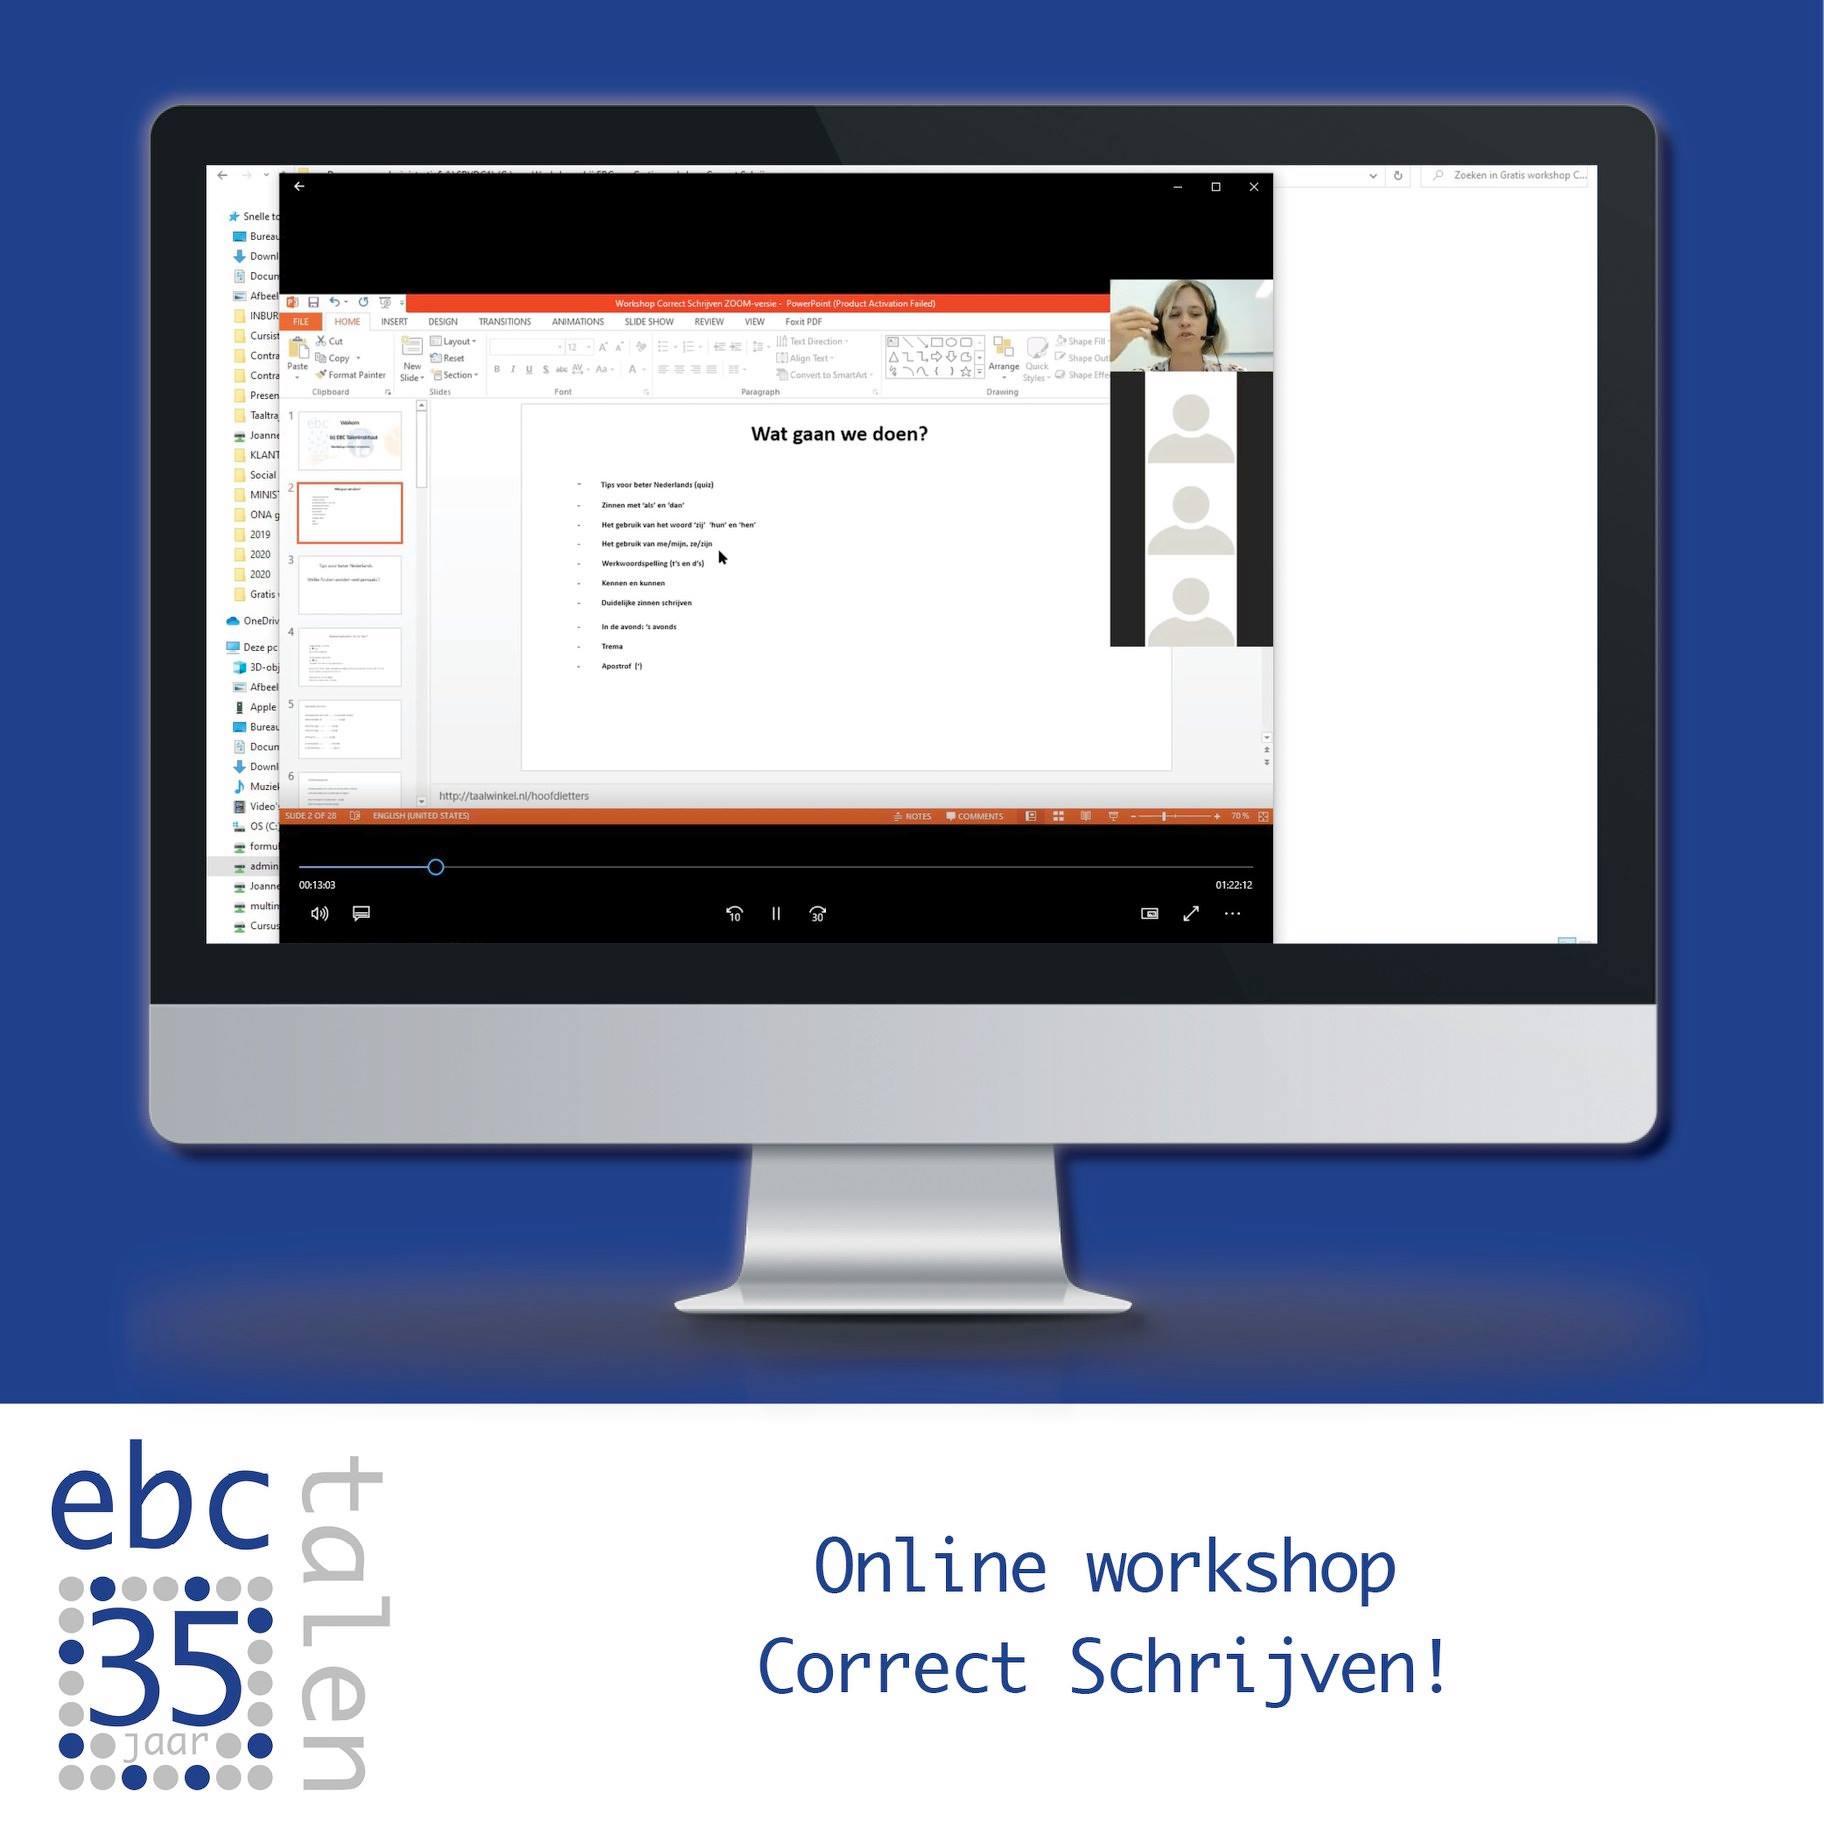 Online workshop 'Correct Schrijven'